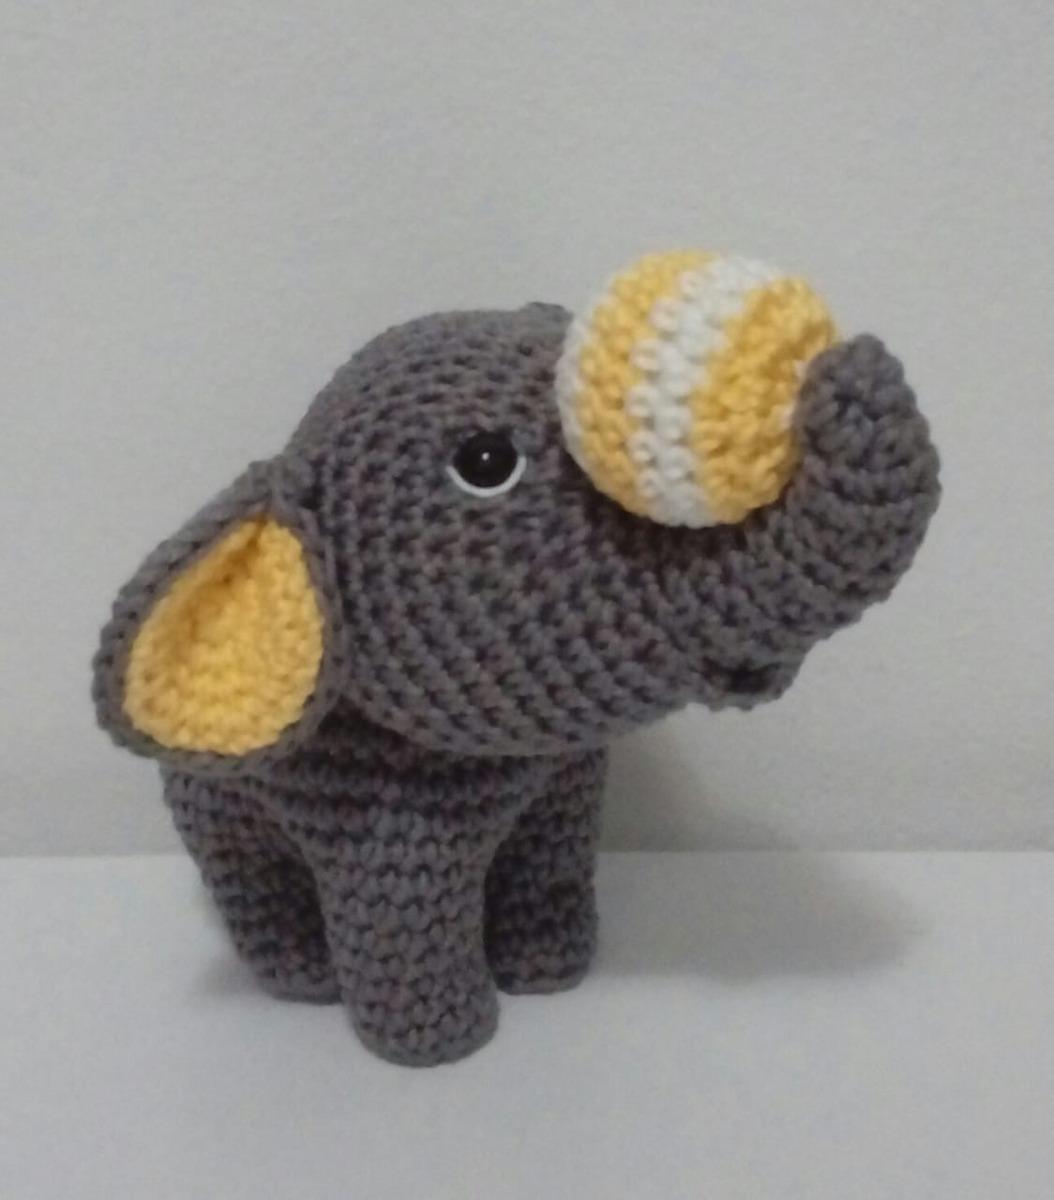 ELEFANTE AMIGURUMI | Elefante de crochê, Boneca amigurumi ... | 1200x1054